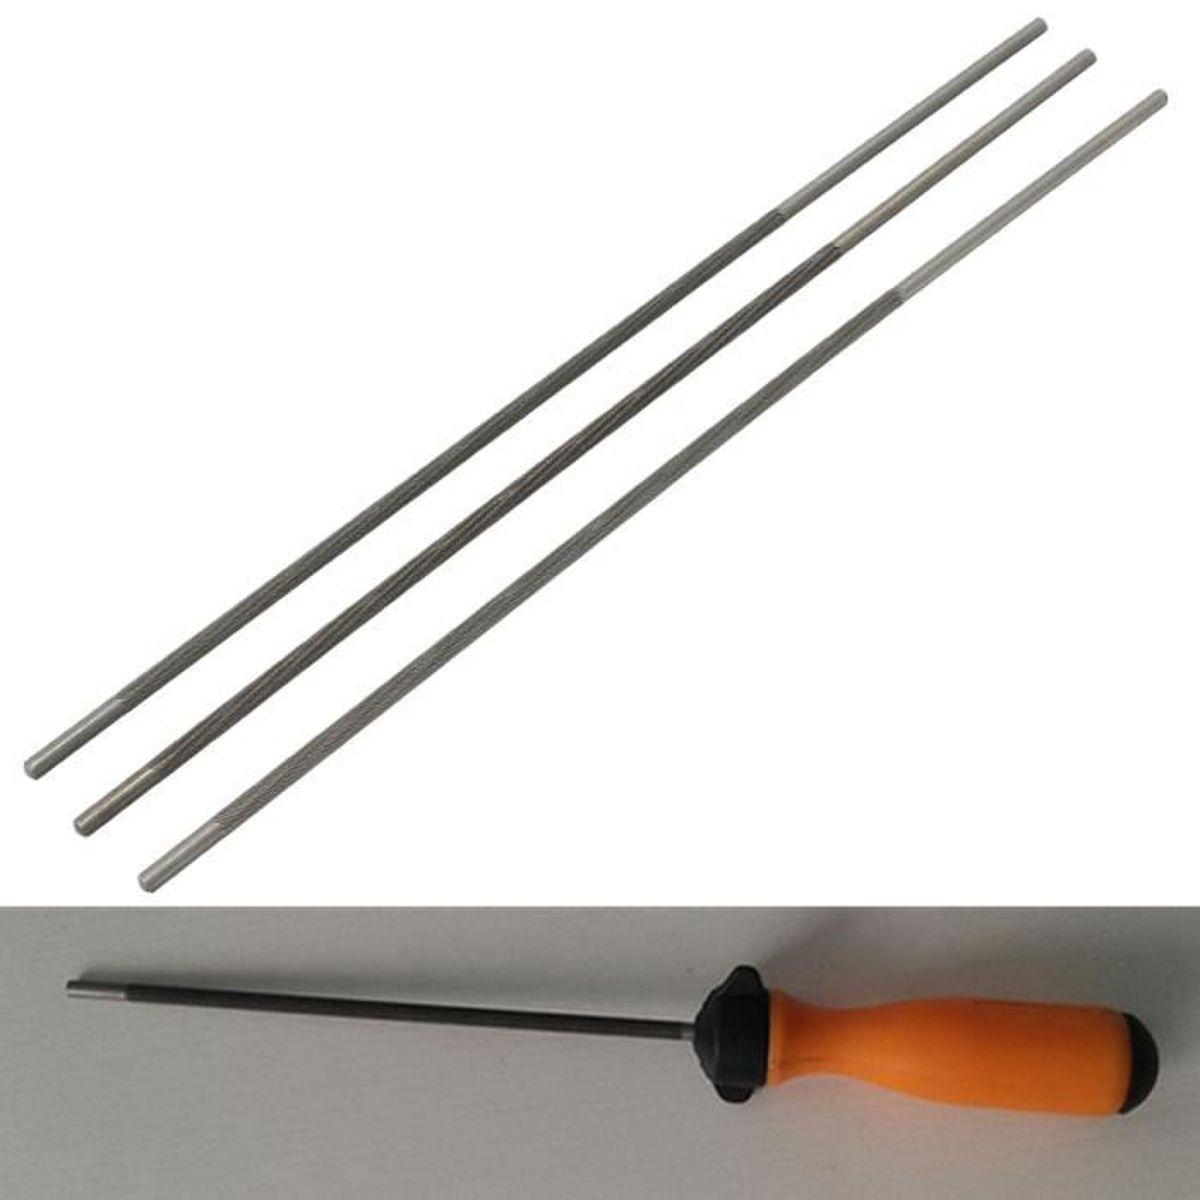 4 mm Chainsaw scie ronde Sharpener avec poign/ée fichiers plastique orange pour Boiseries